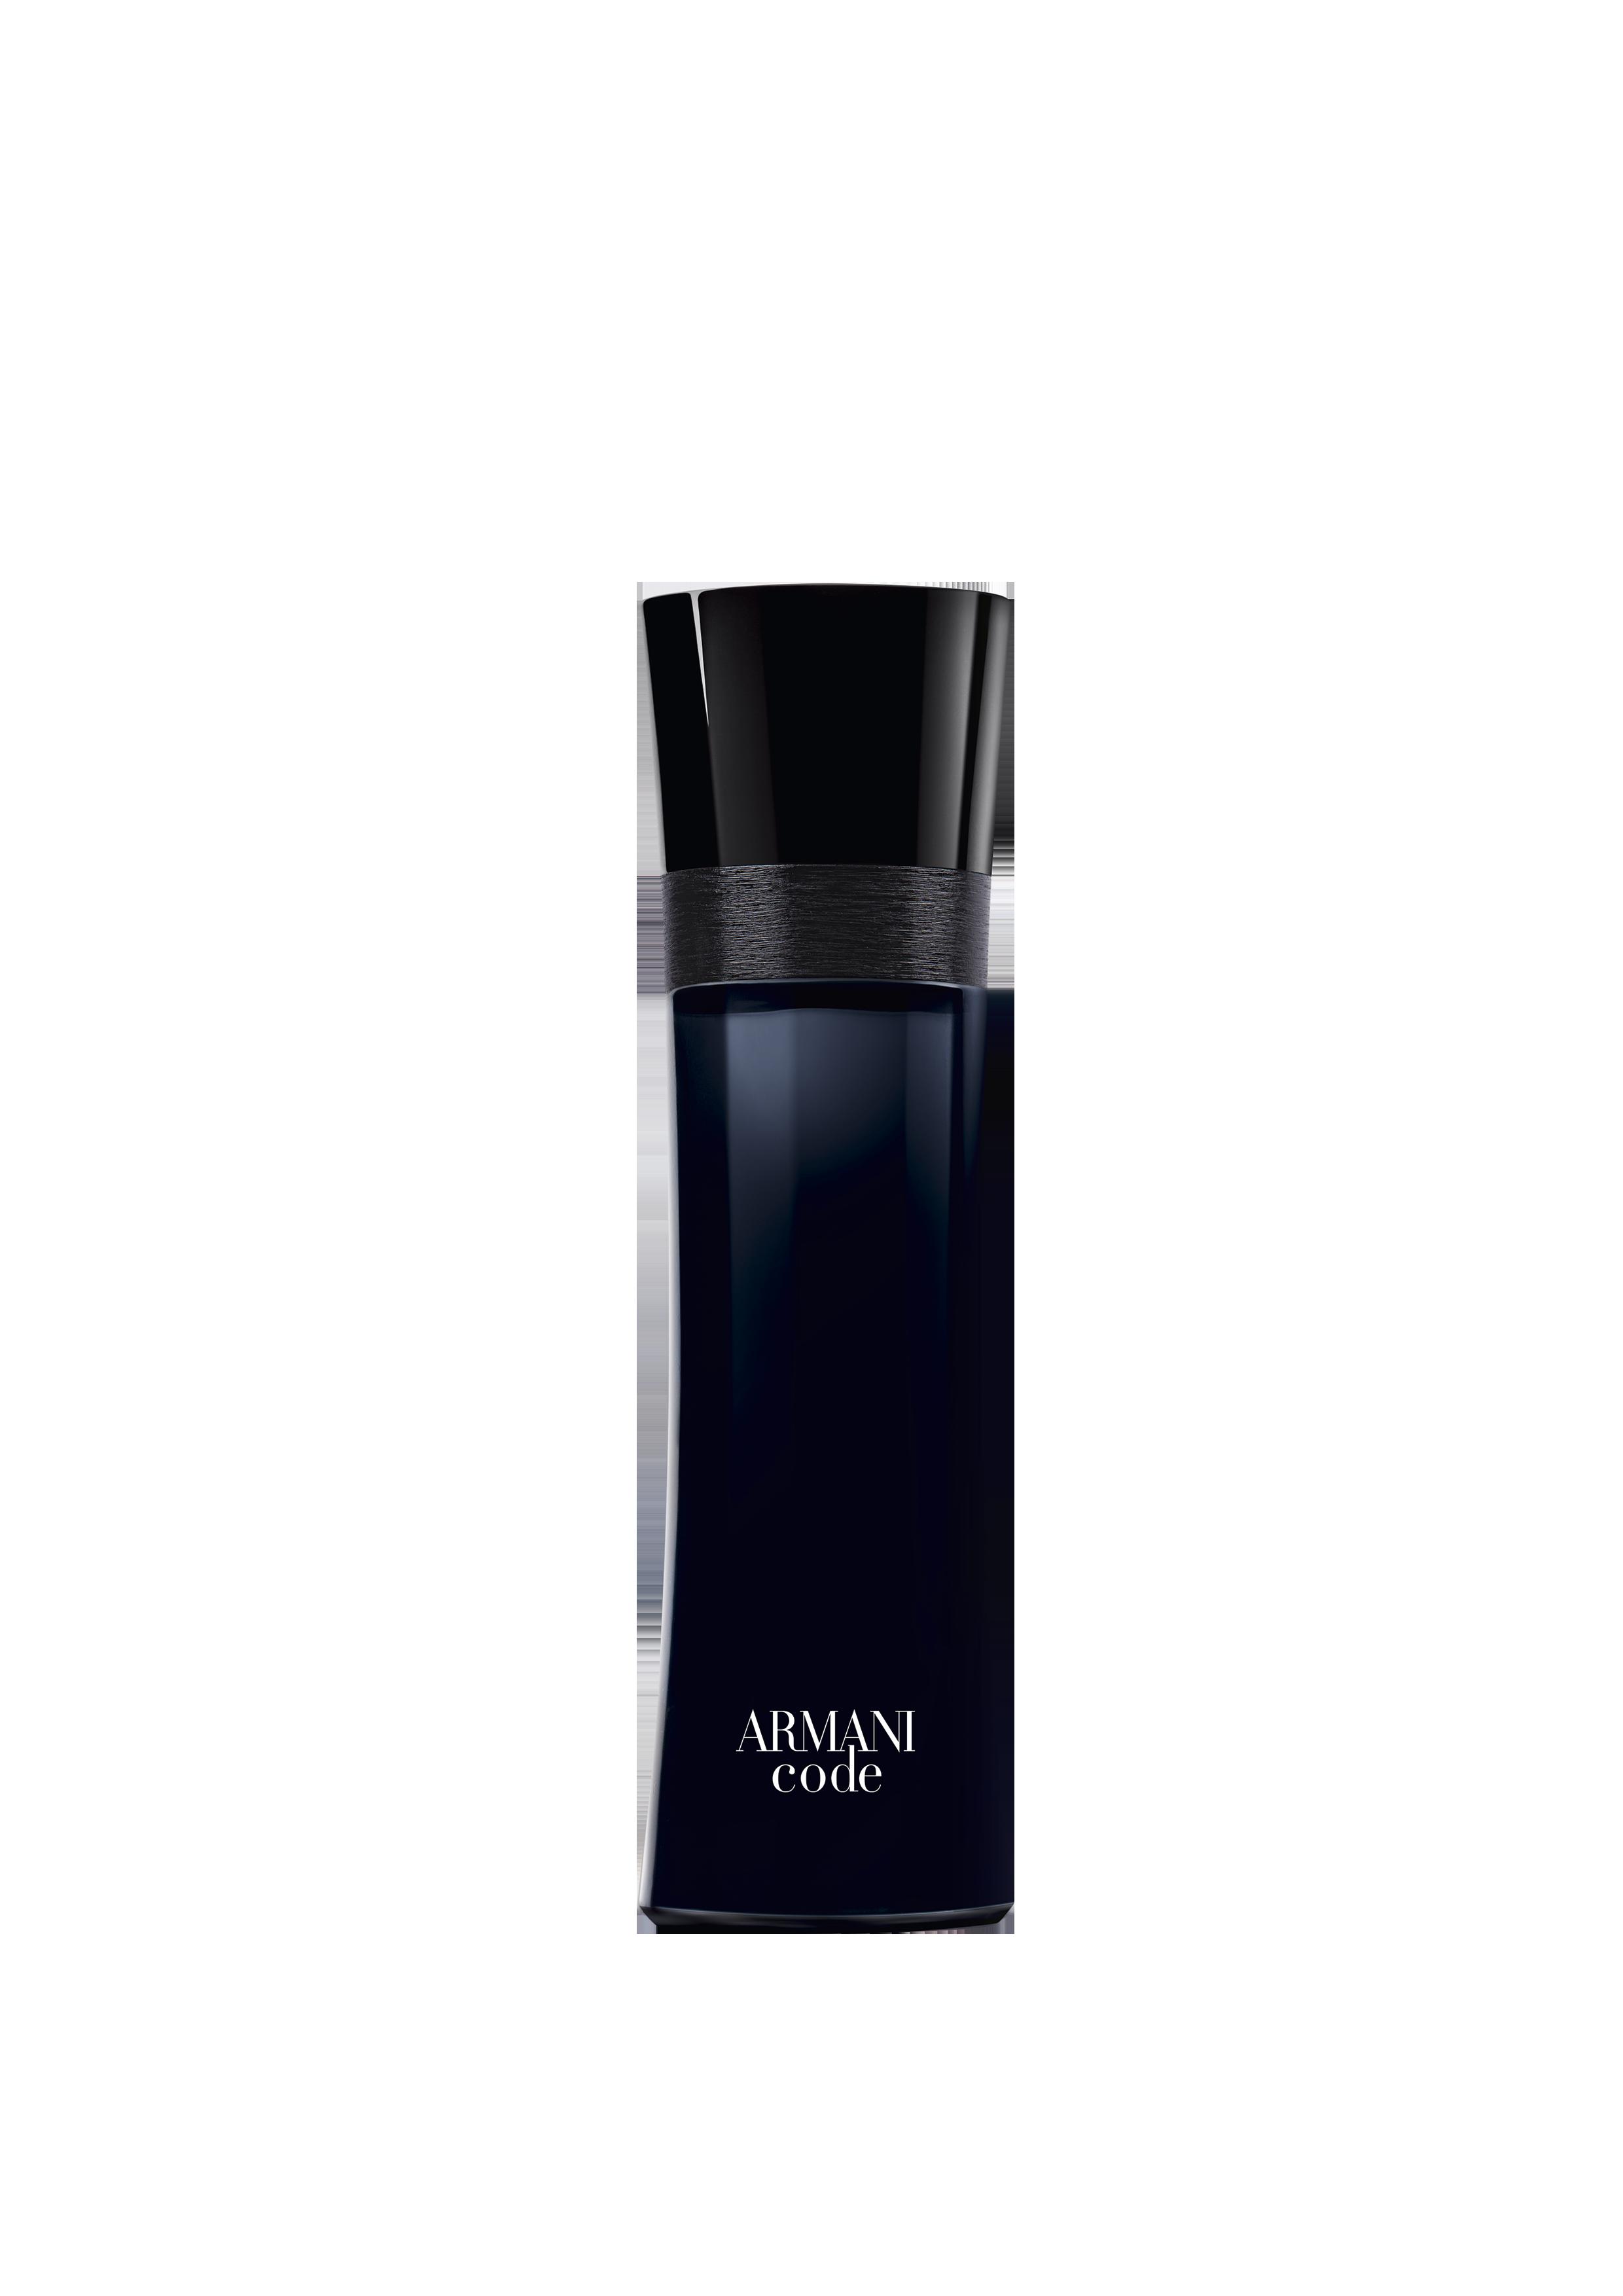 Armani Code, para caballeros, un aroma con toques especiados. (Suministrada)